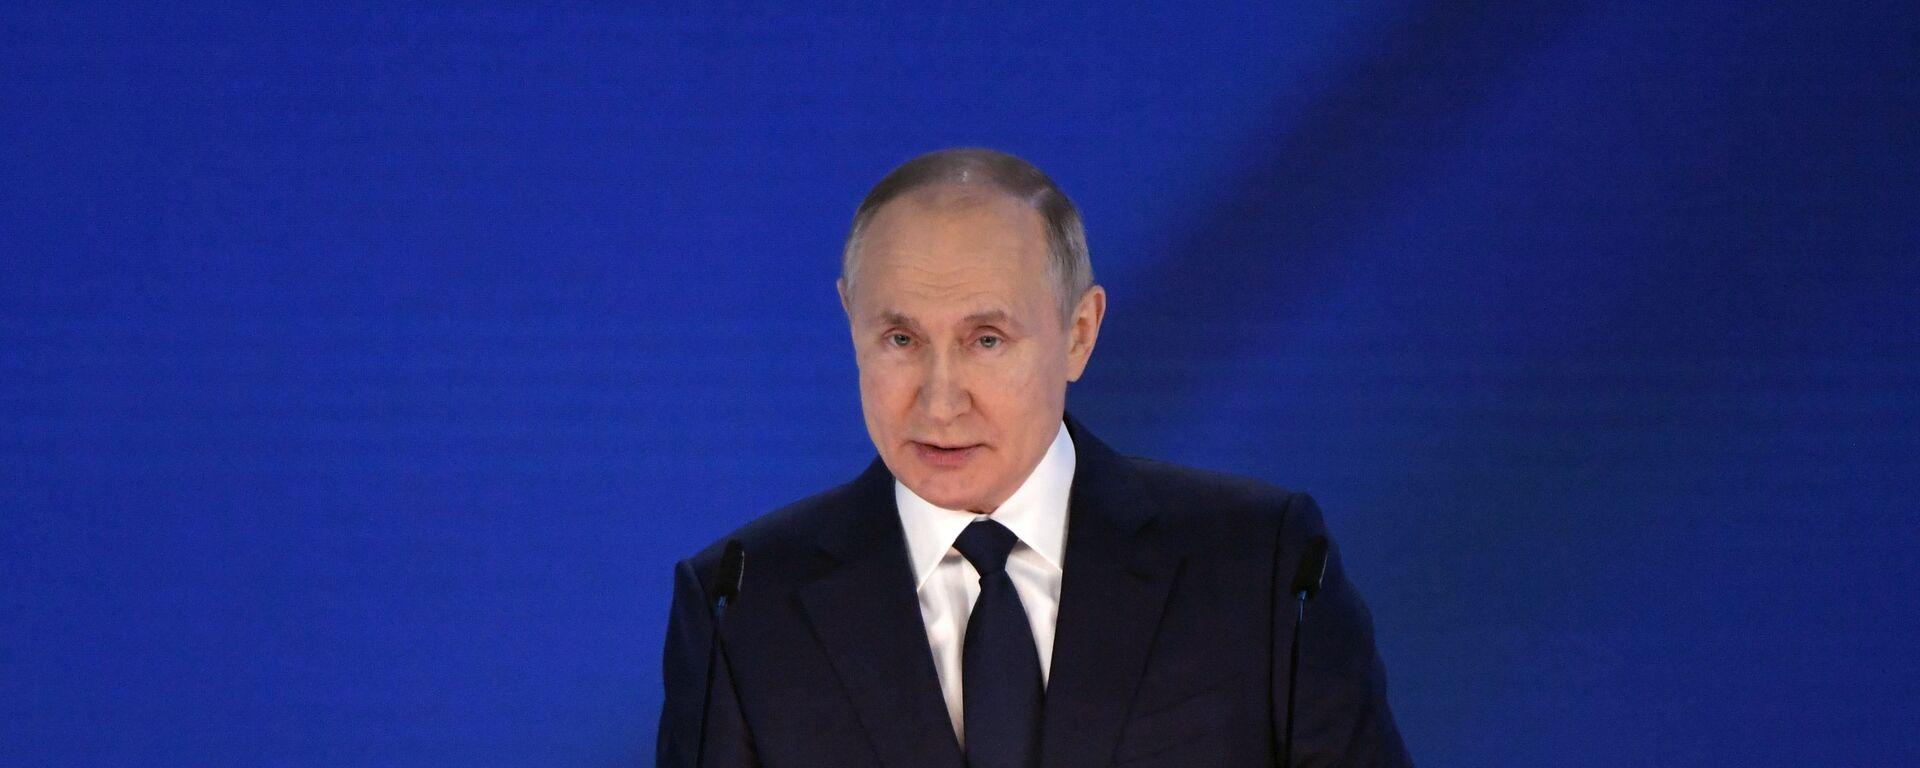 Ruský prezident Vladimir Putin vystupuje s posláním Federálnímu shromáždění (21. 04. 2021) - Sputnik Česká republika, 1920, 04.06.2021